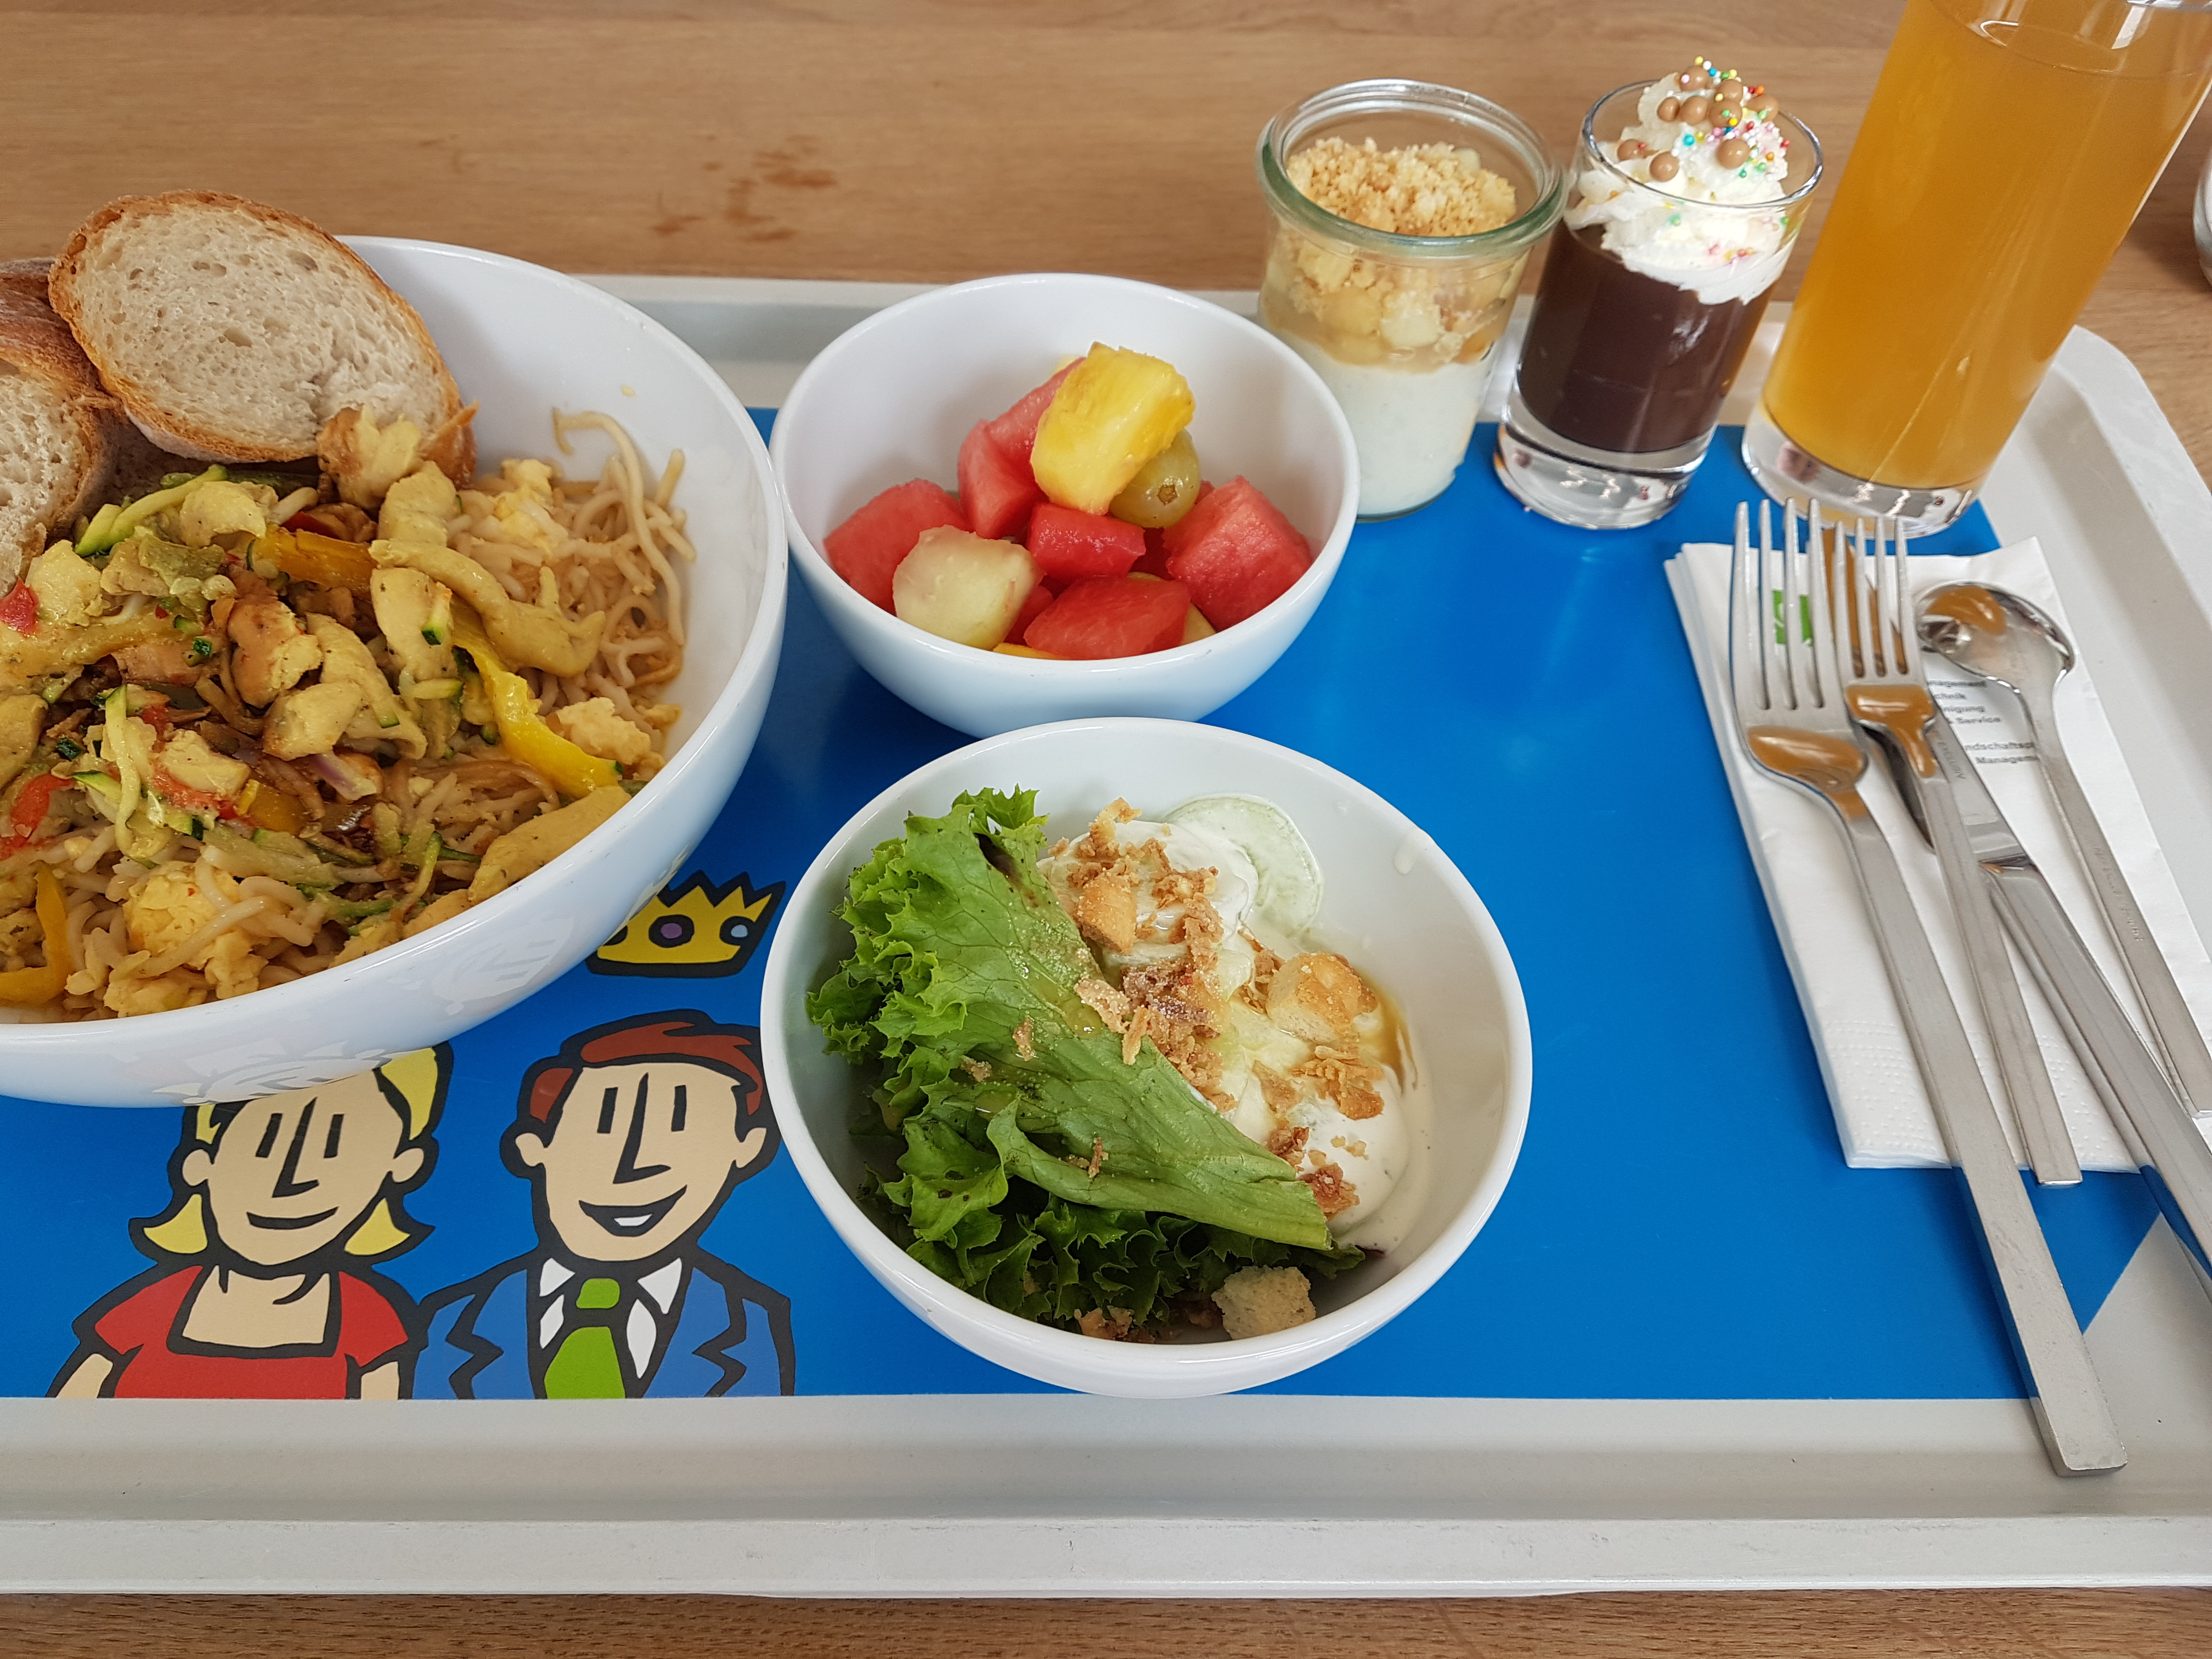 http://foodloader.net/Holz_2017-08-31_Mie-Nudeln_mit_Haehnchenstreifen.jpg